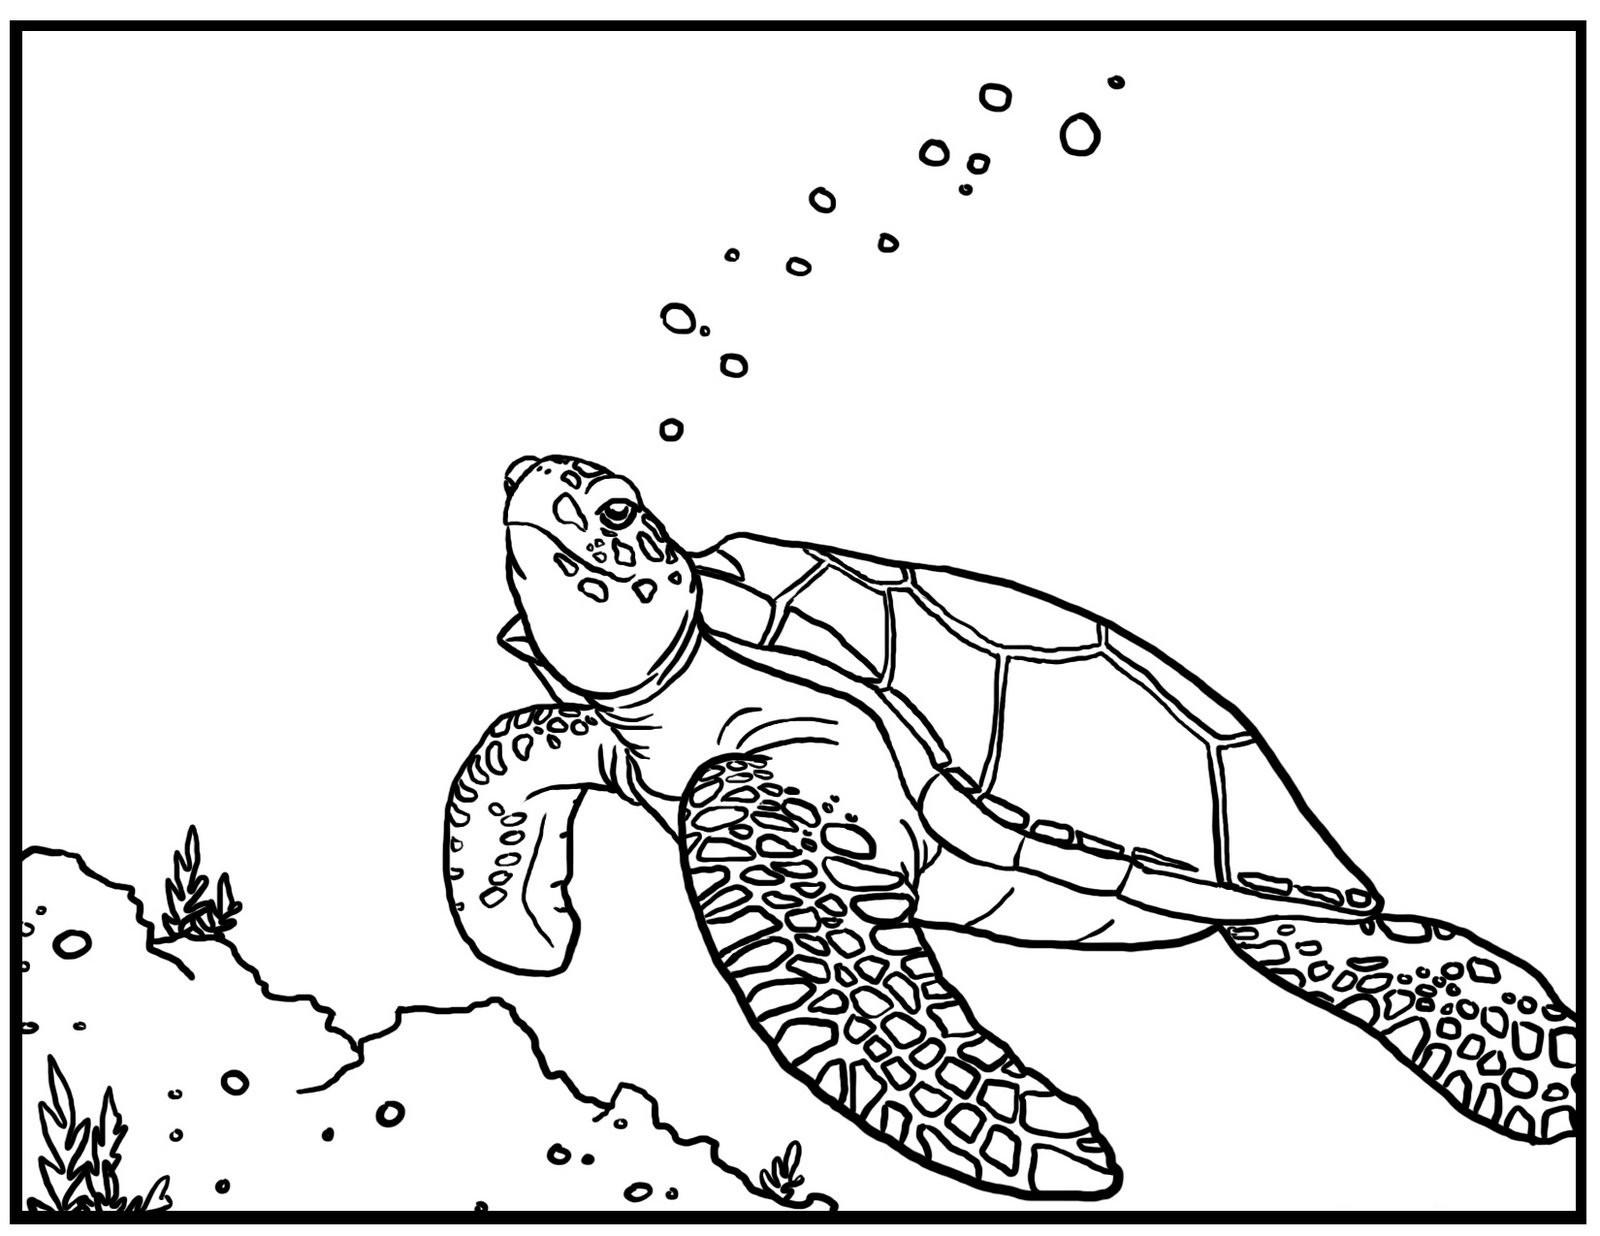 1600x1236 Hawaiian Turtle Coloring Pages Copy Hawaiian Turtle Coloring Pages